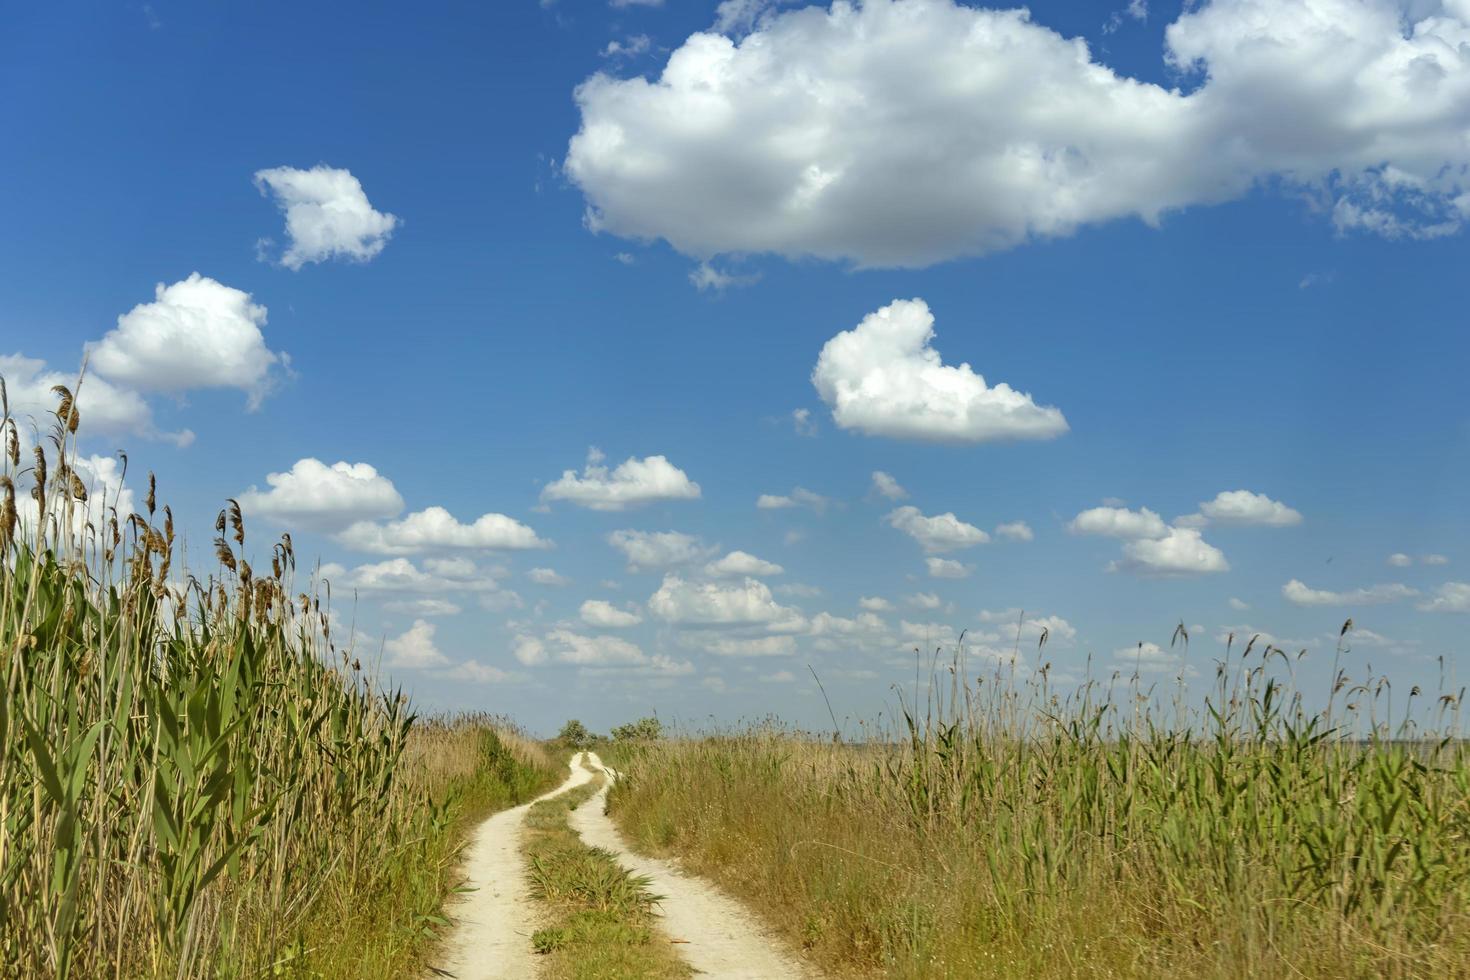 strada sterrata in mezzo a canne sotto il cielo azzurro. foto